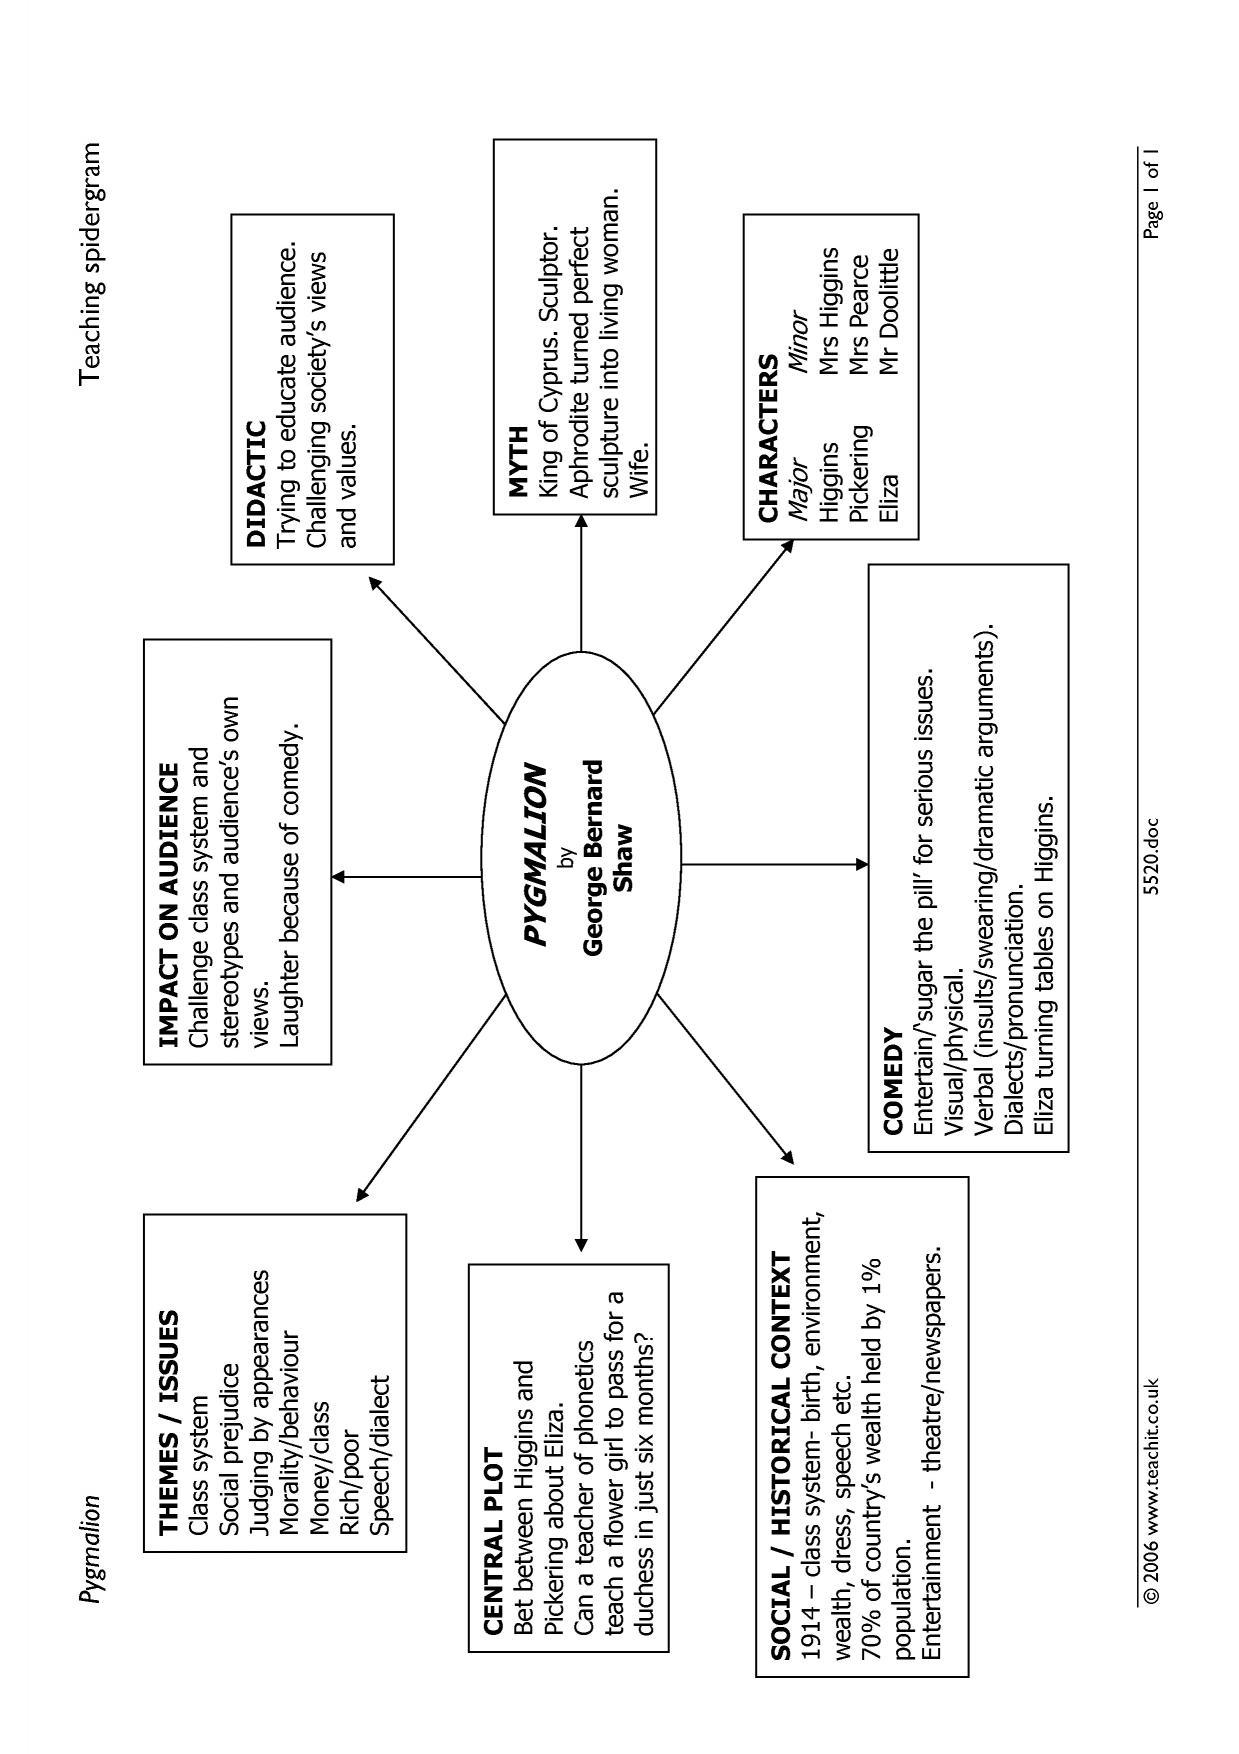 Summary Spider Diagram